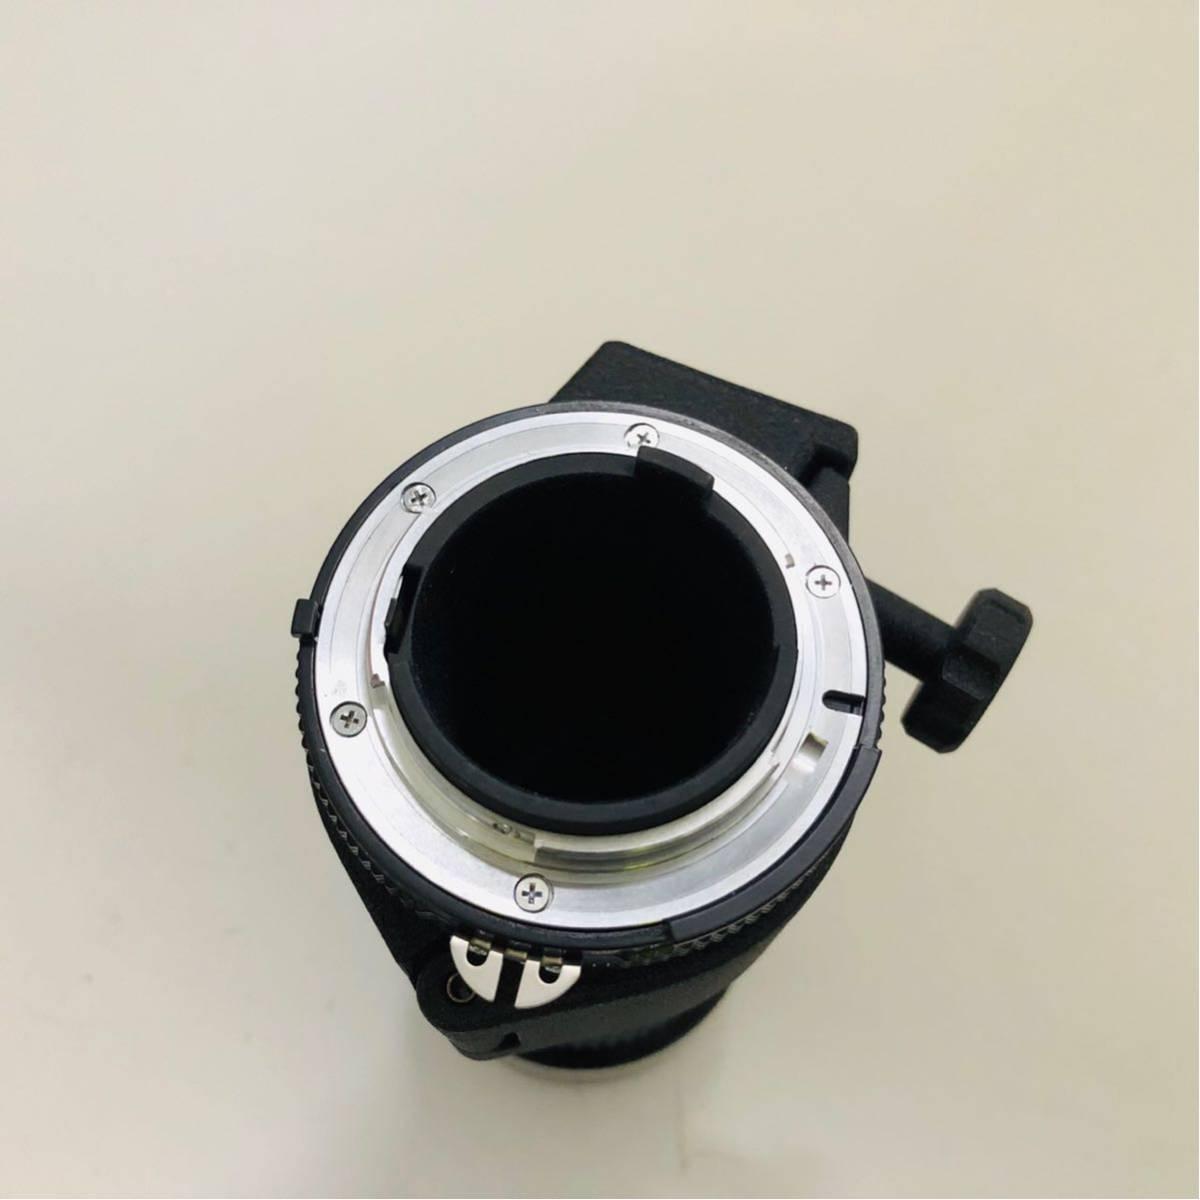 【美品】Nikon ニコン レンズ MICRO NIKKOR 200mm f/4_画像6